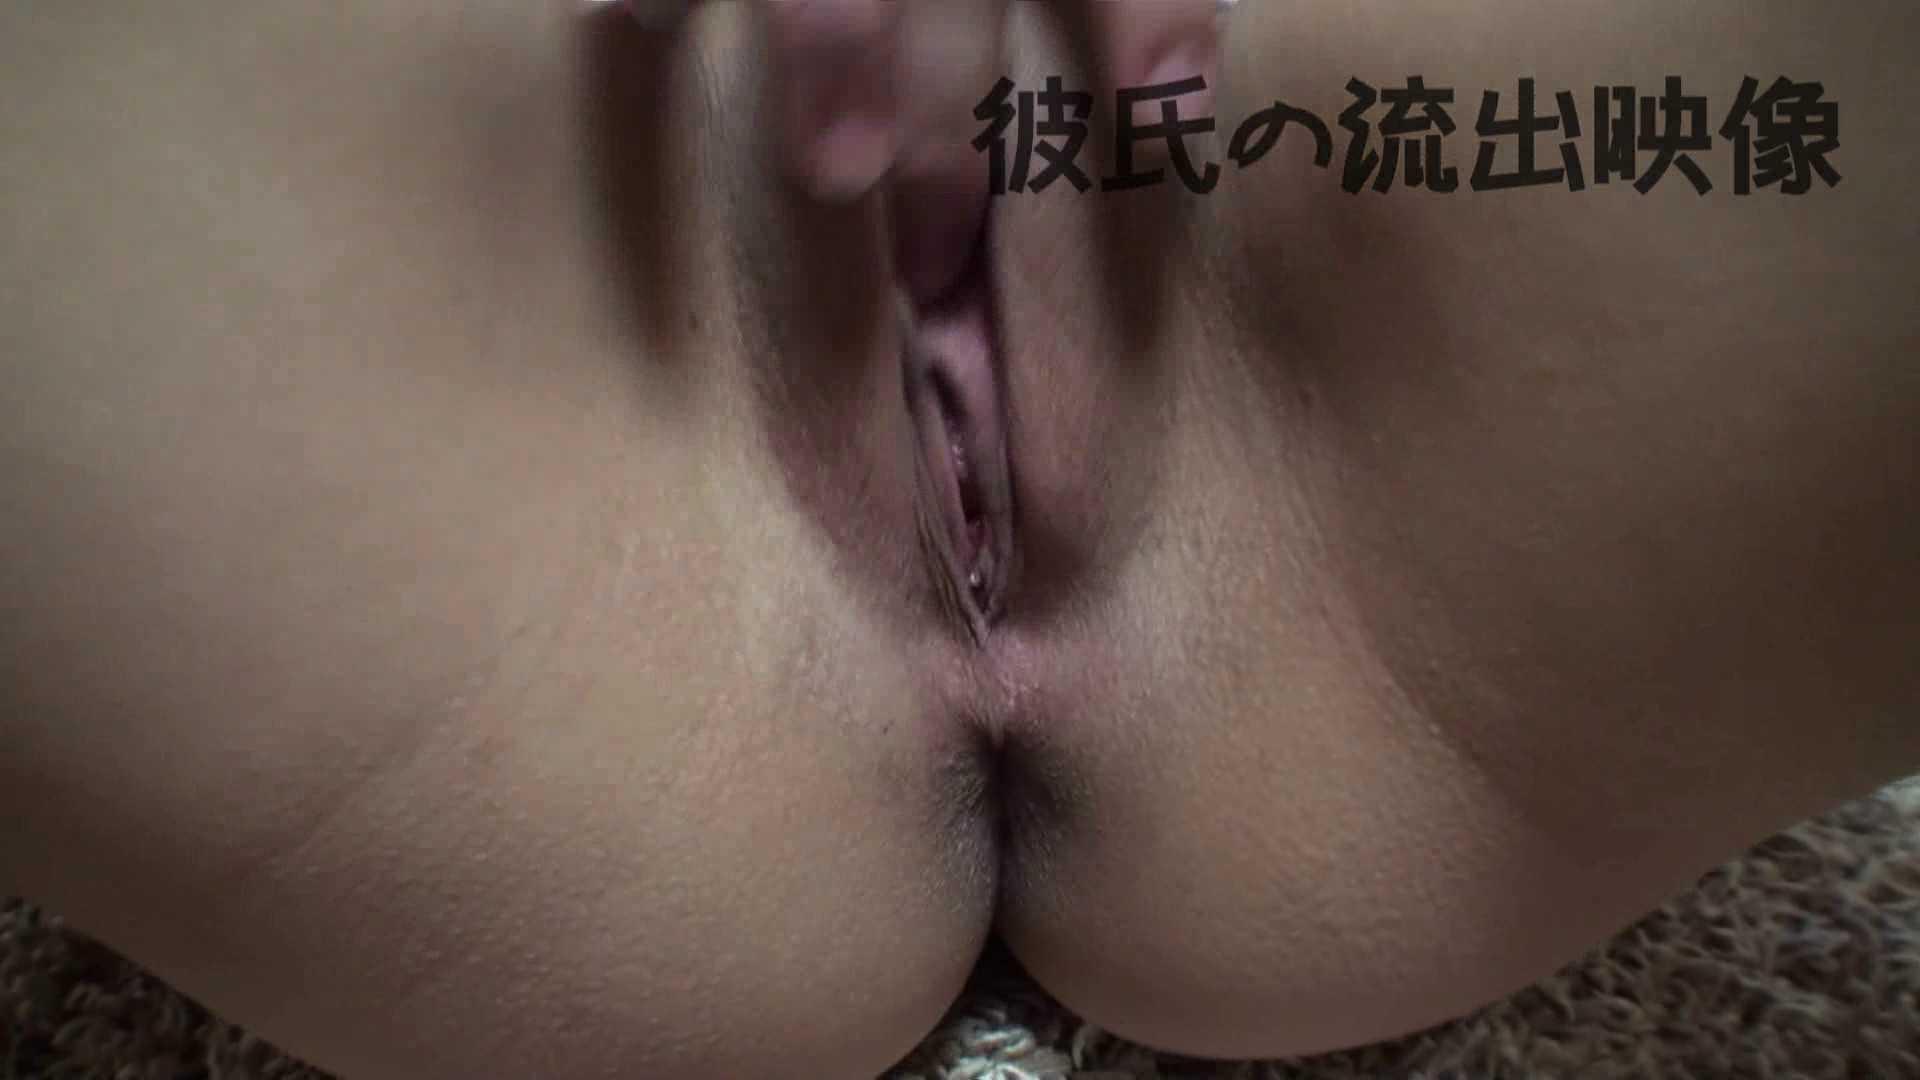 彼氏が流出 パイパン素人嬢のハメ撮り映像04 素人ギャル女 オマンコ動画キャプチャ 62連発 35